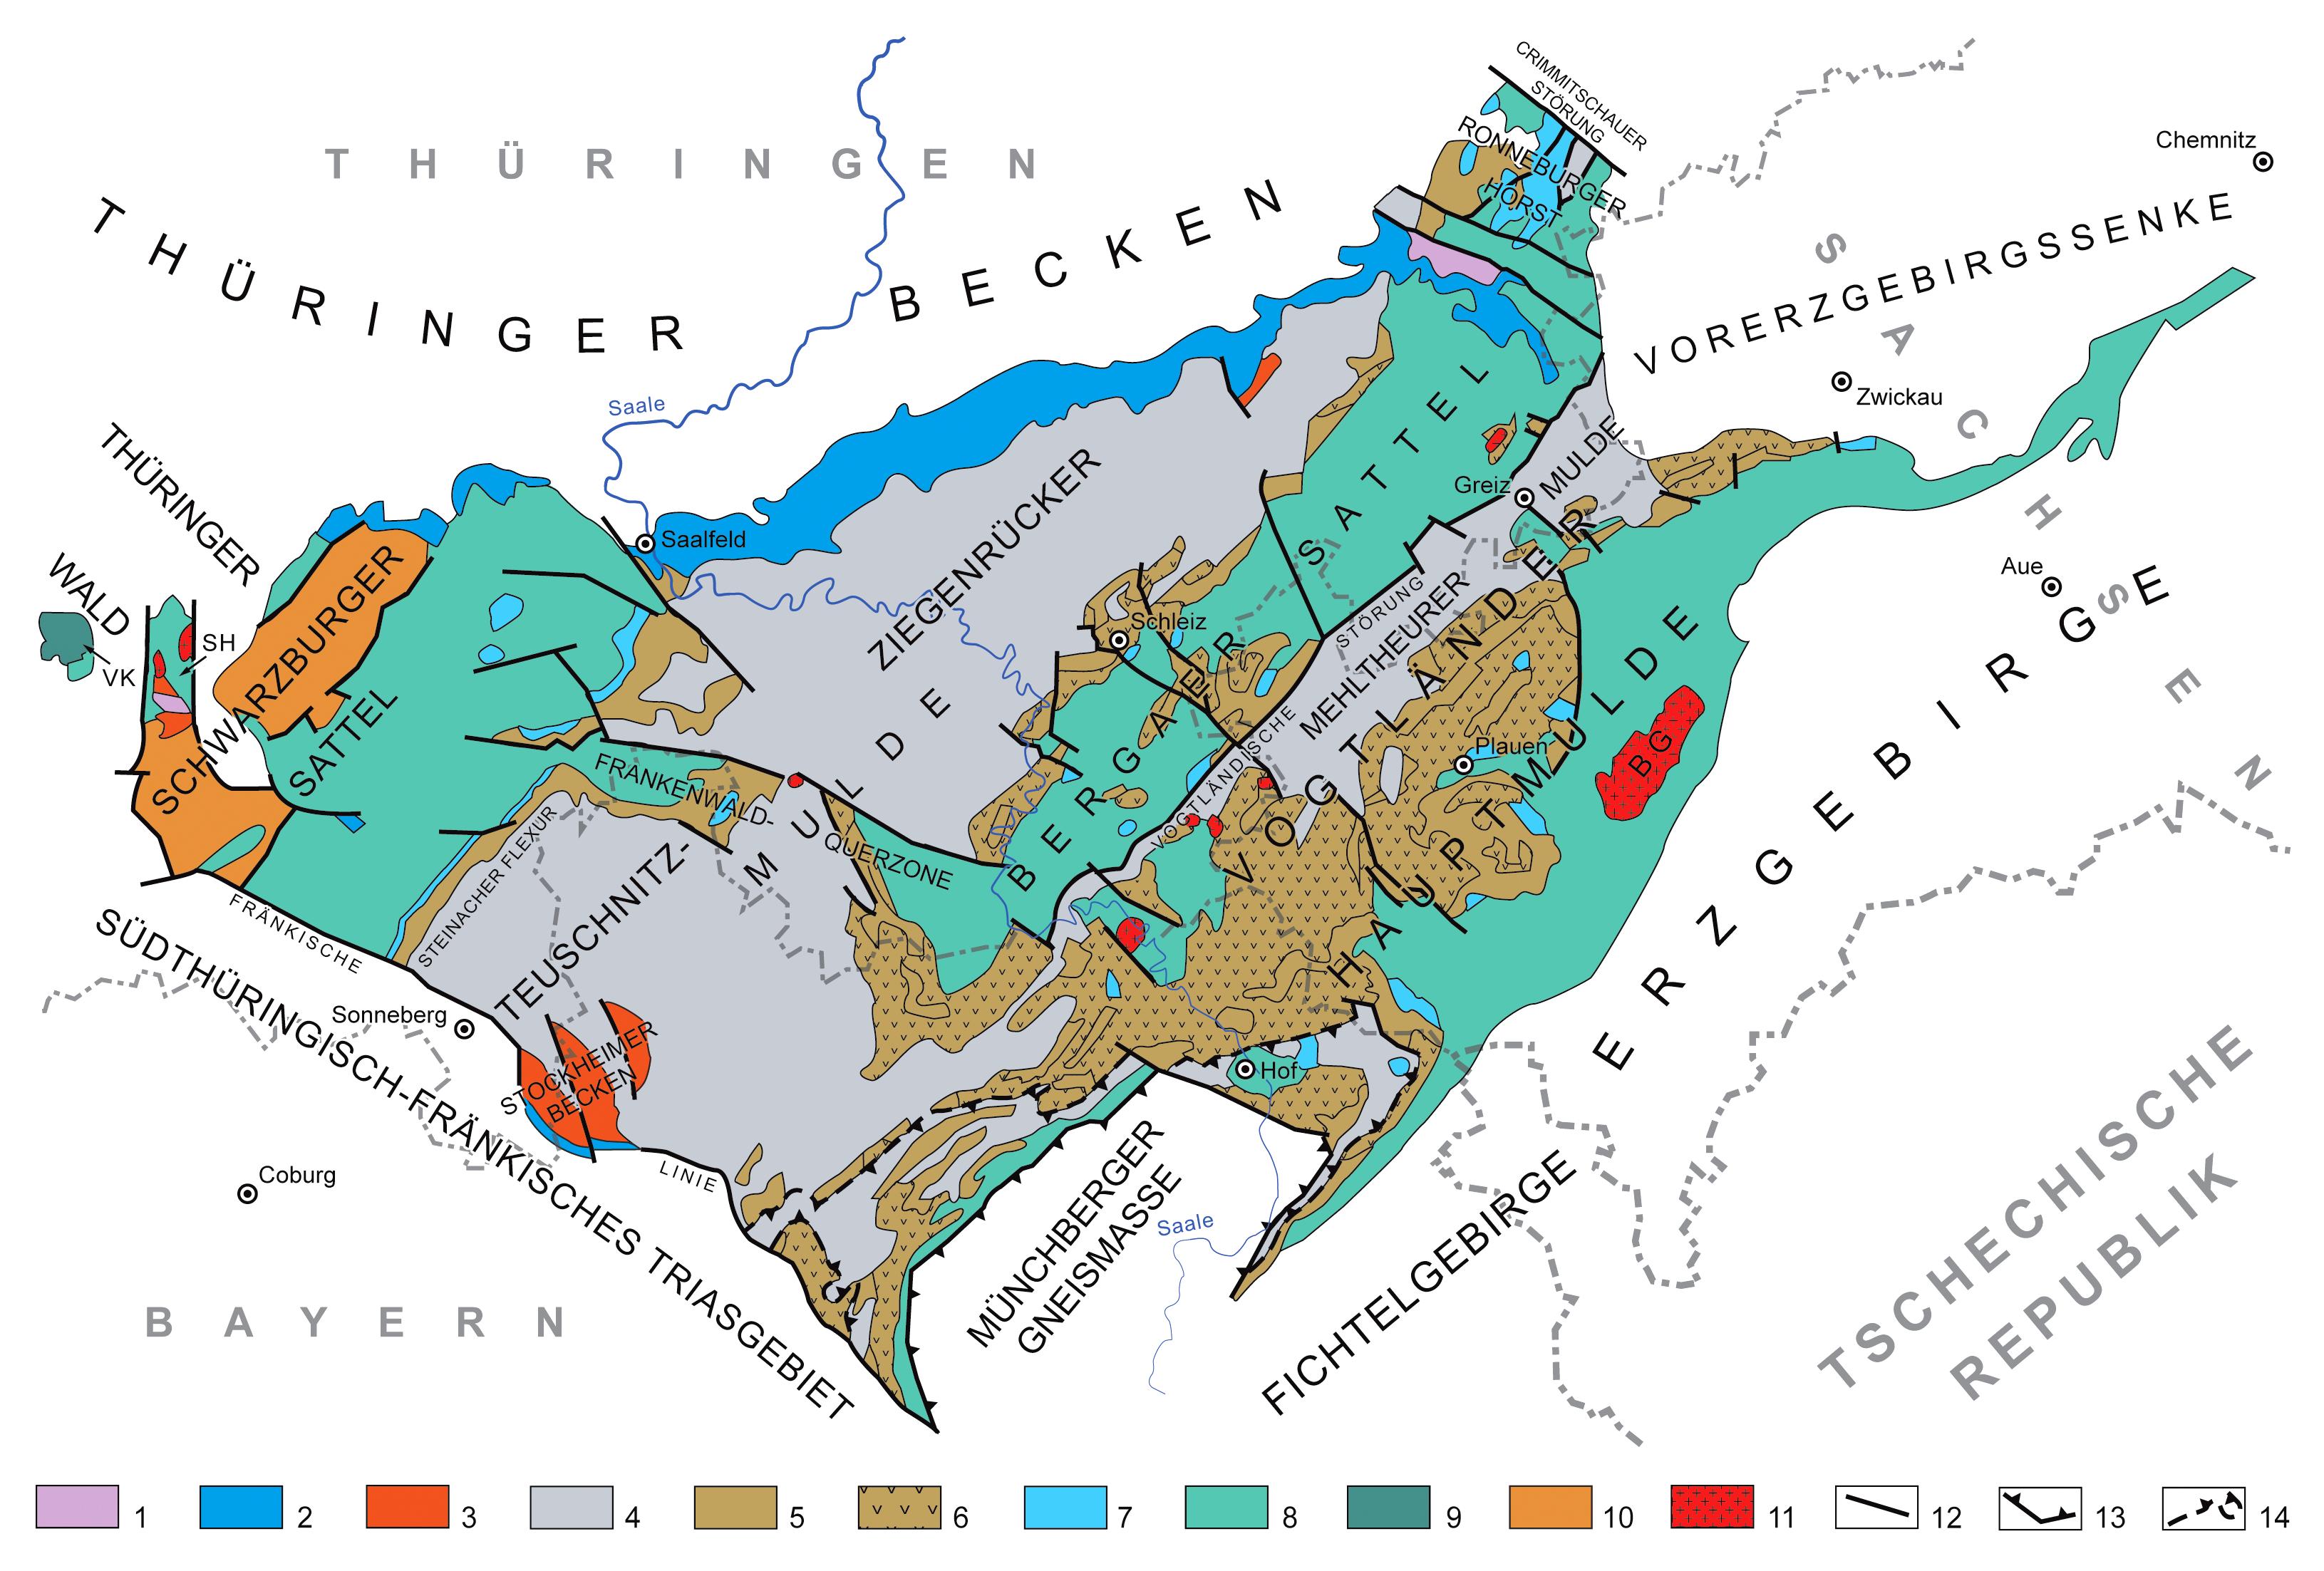 Geologische Karte Thüringen.Thüringisch Fränkisch Vogtländisches Schiefergebirge Wikipedia